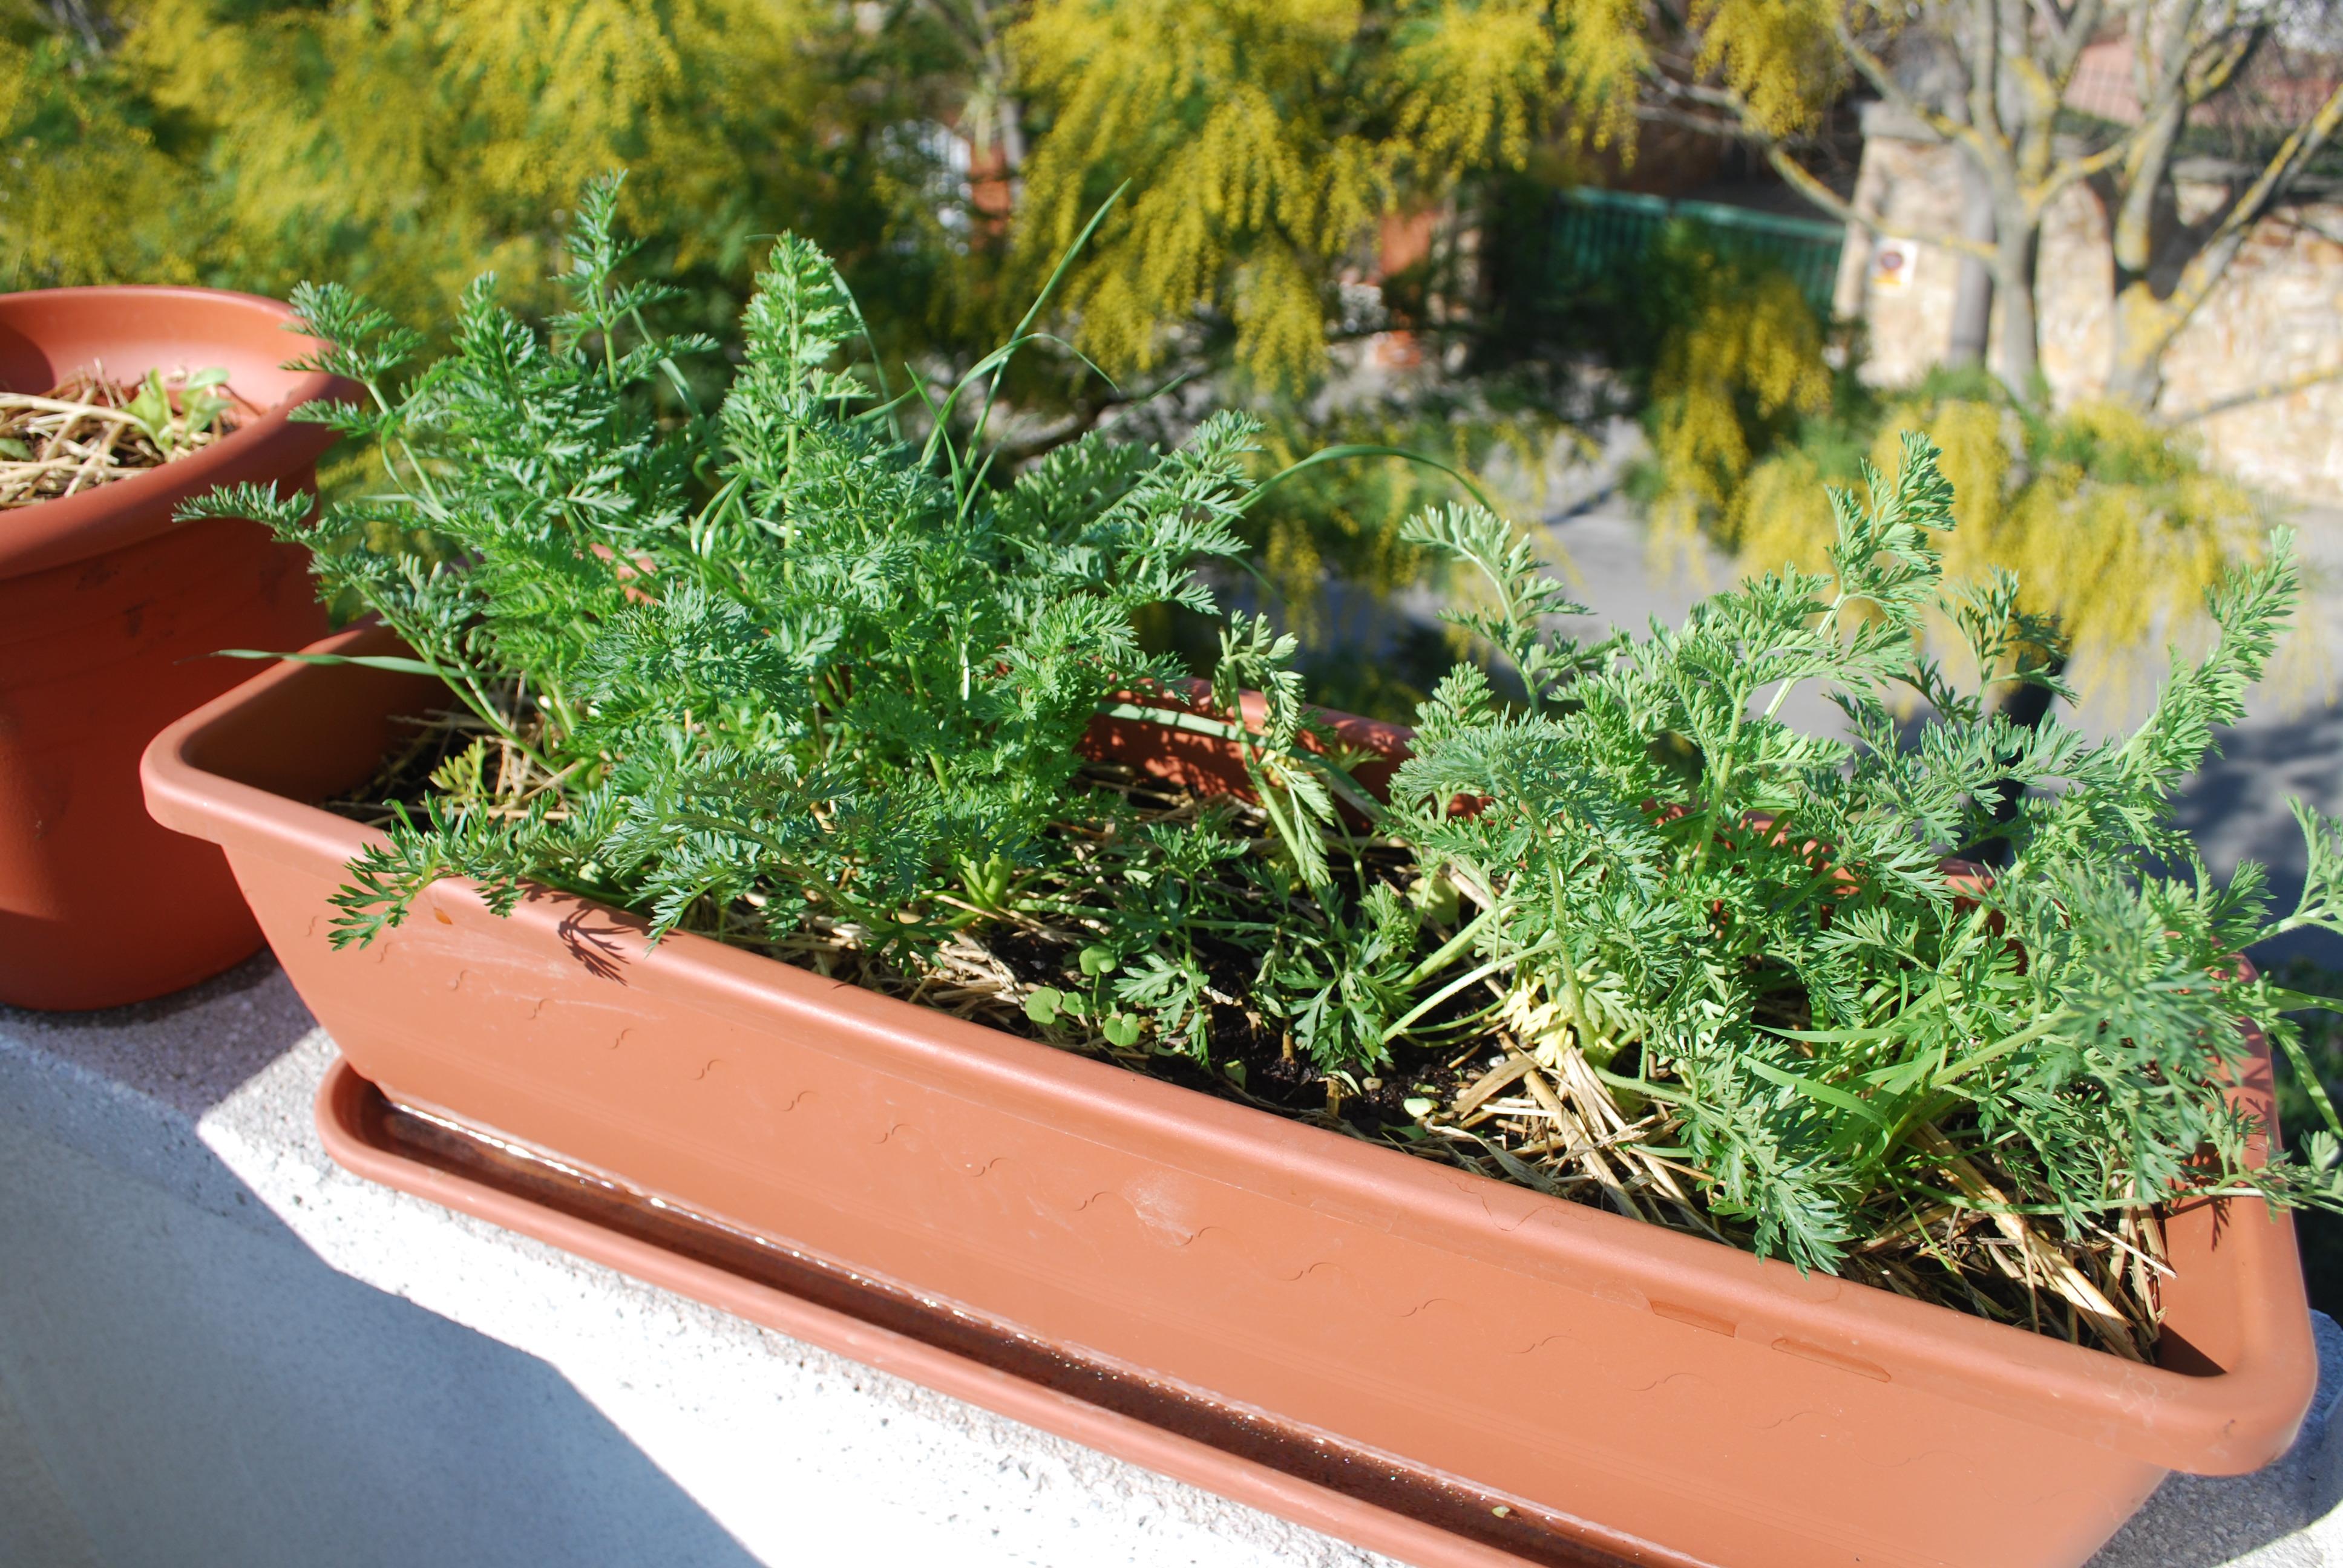 Huertos urbanos recuperemos nuestra soberan a alimentaria - Como hacer un huerto urbano ...